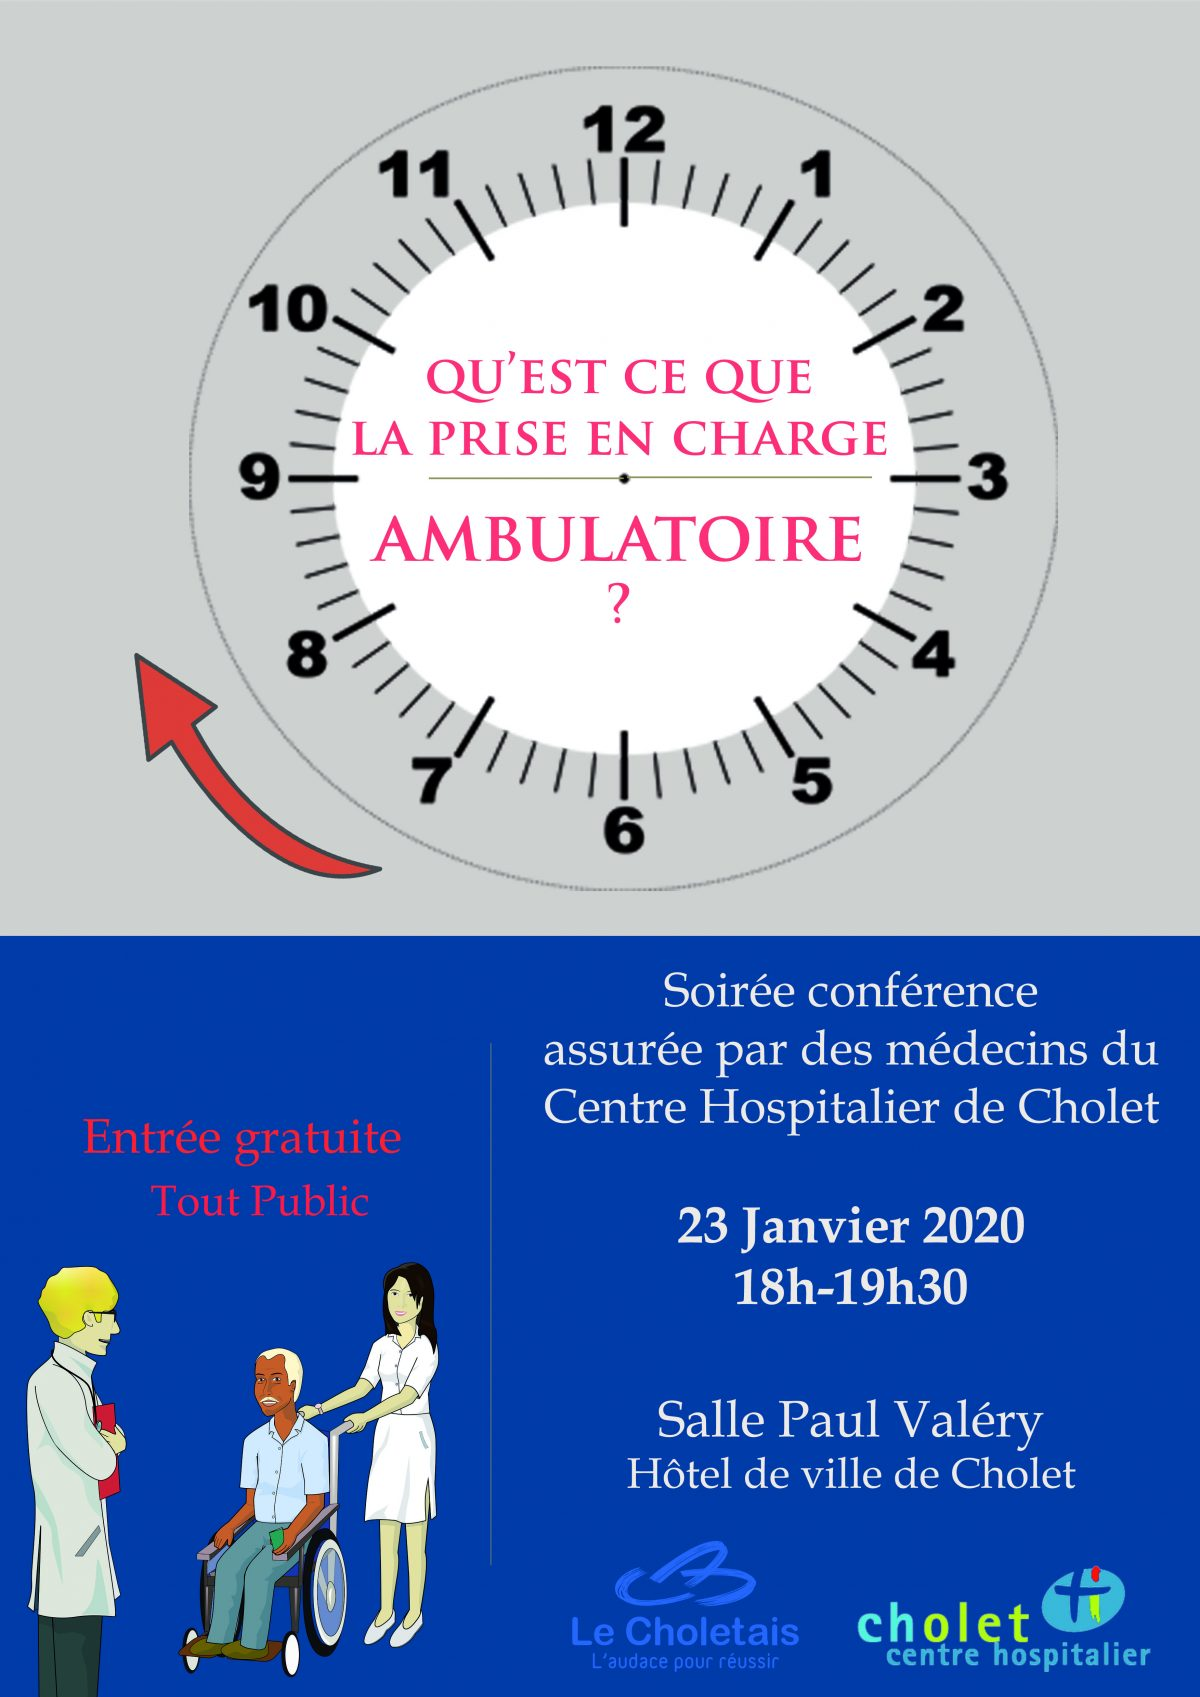 Conférence Prise en charge ambulatoire_Jeudi 23 janvier 2020